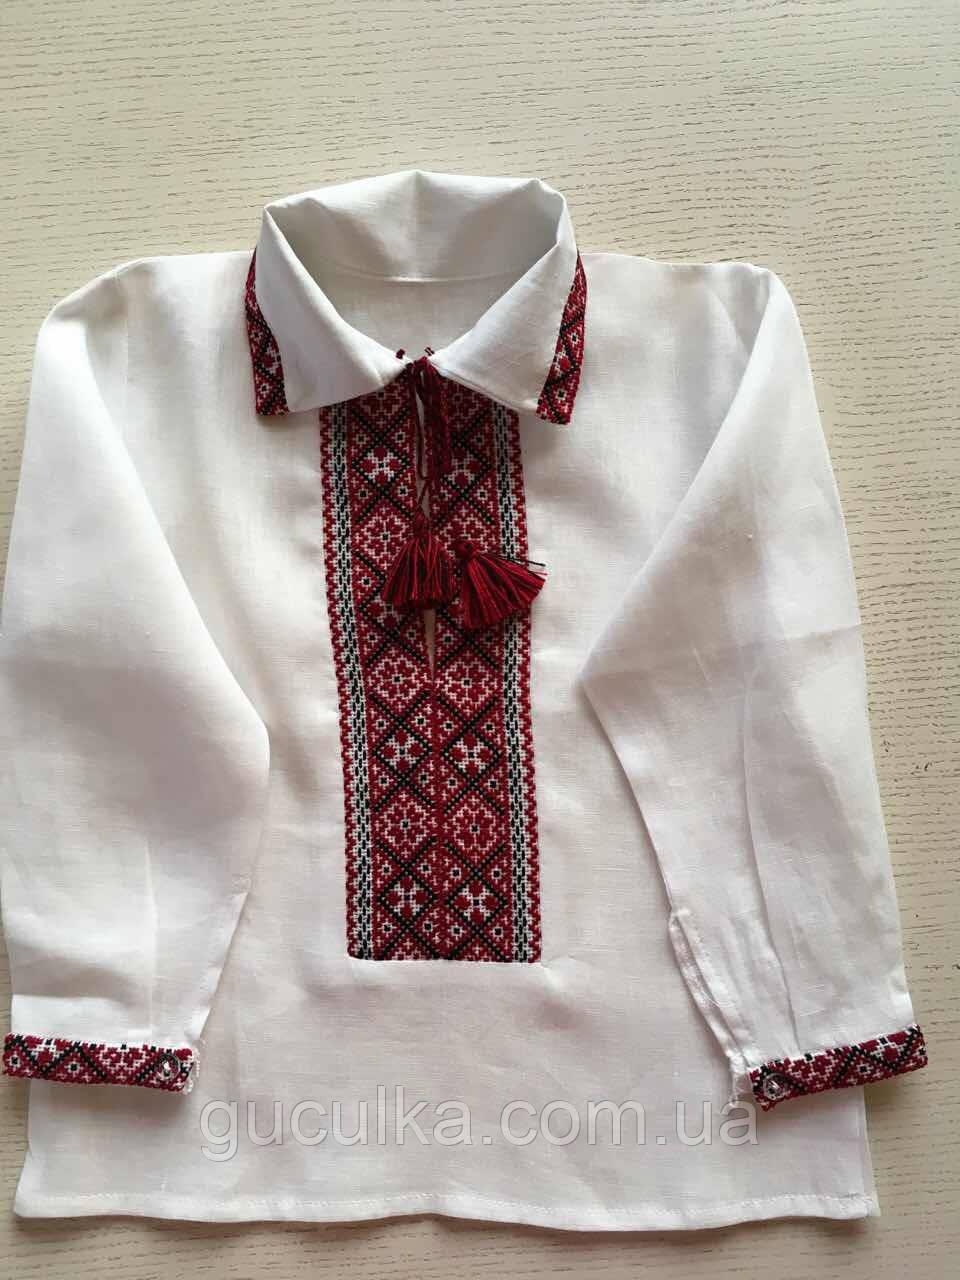 Біла вишиванка для хлопчика ручної роботи на 1-2 роки - Інтернет-магазин